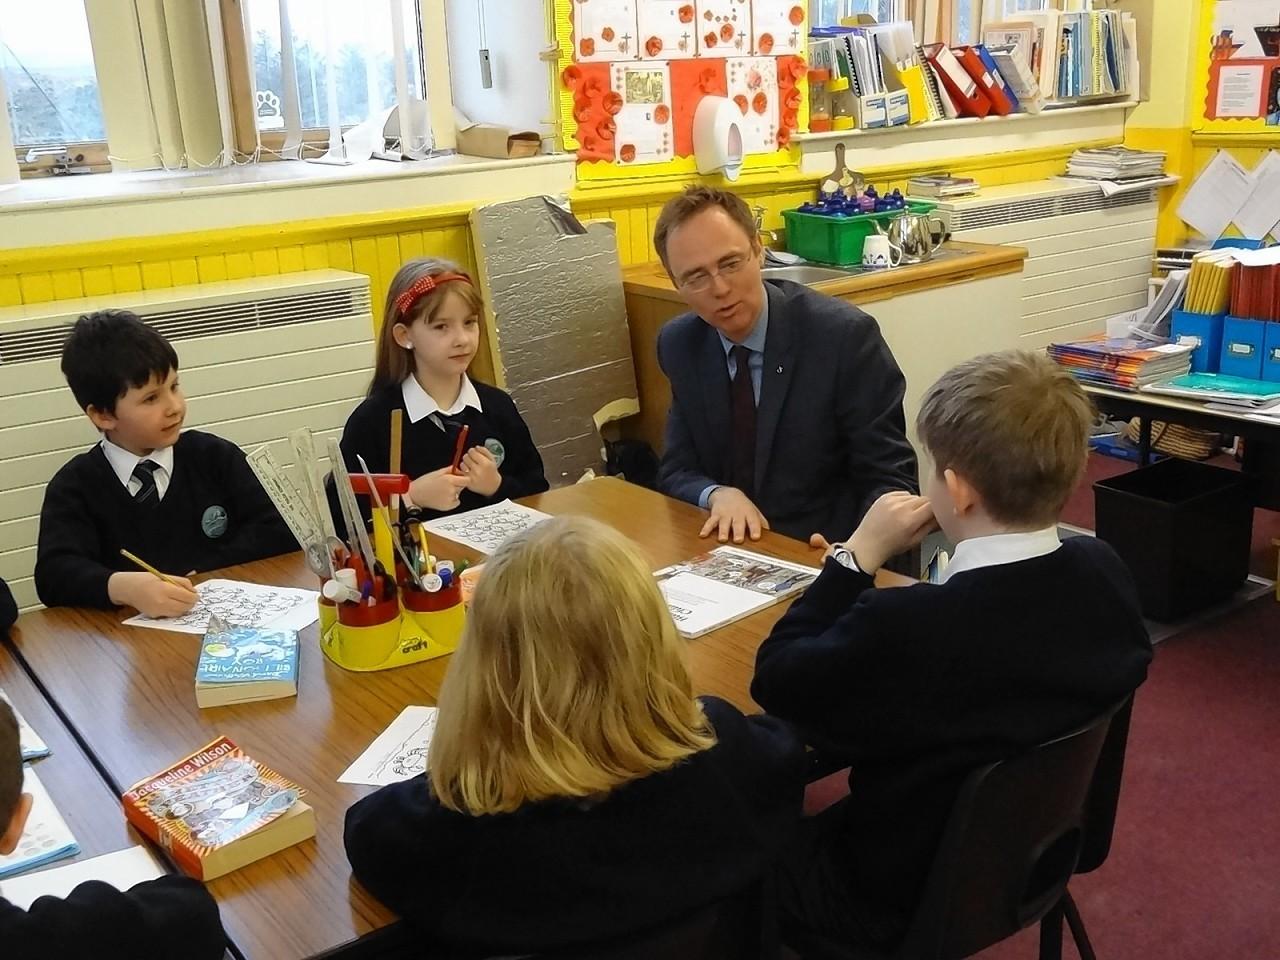 Minister Allan Breasclete School